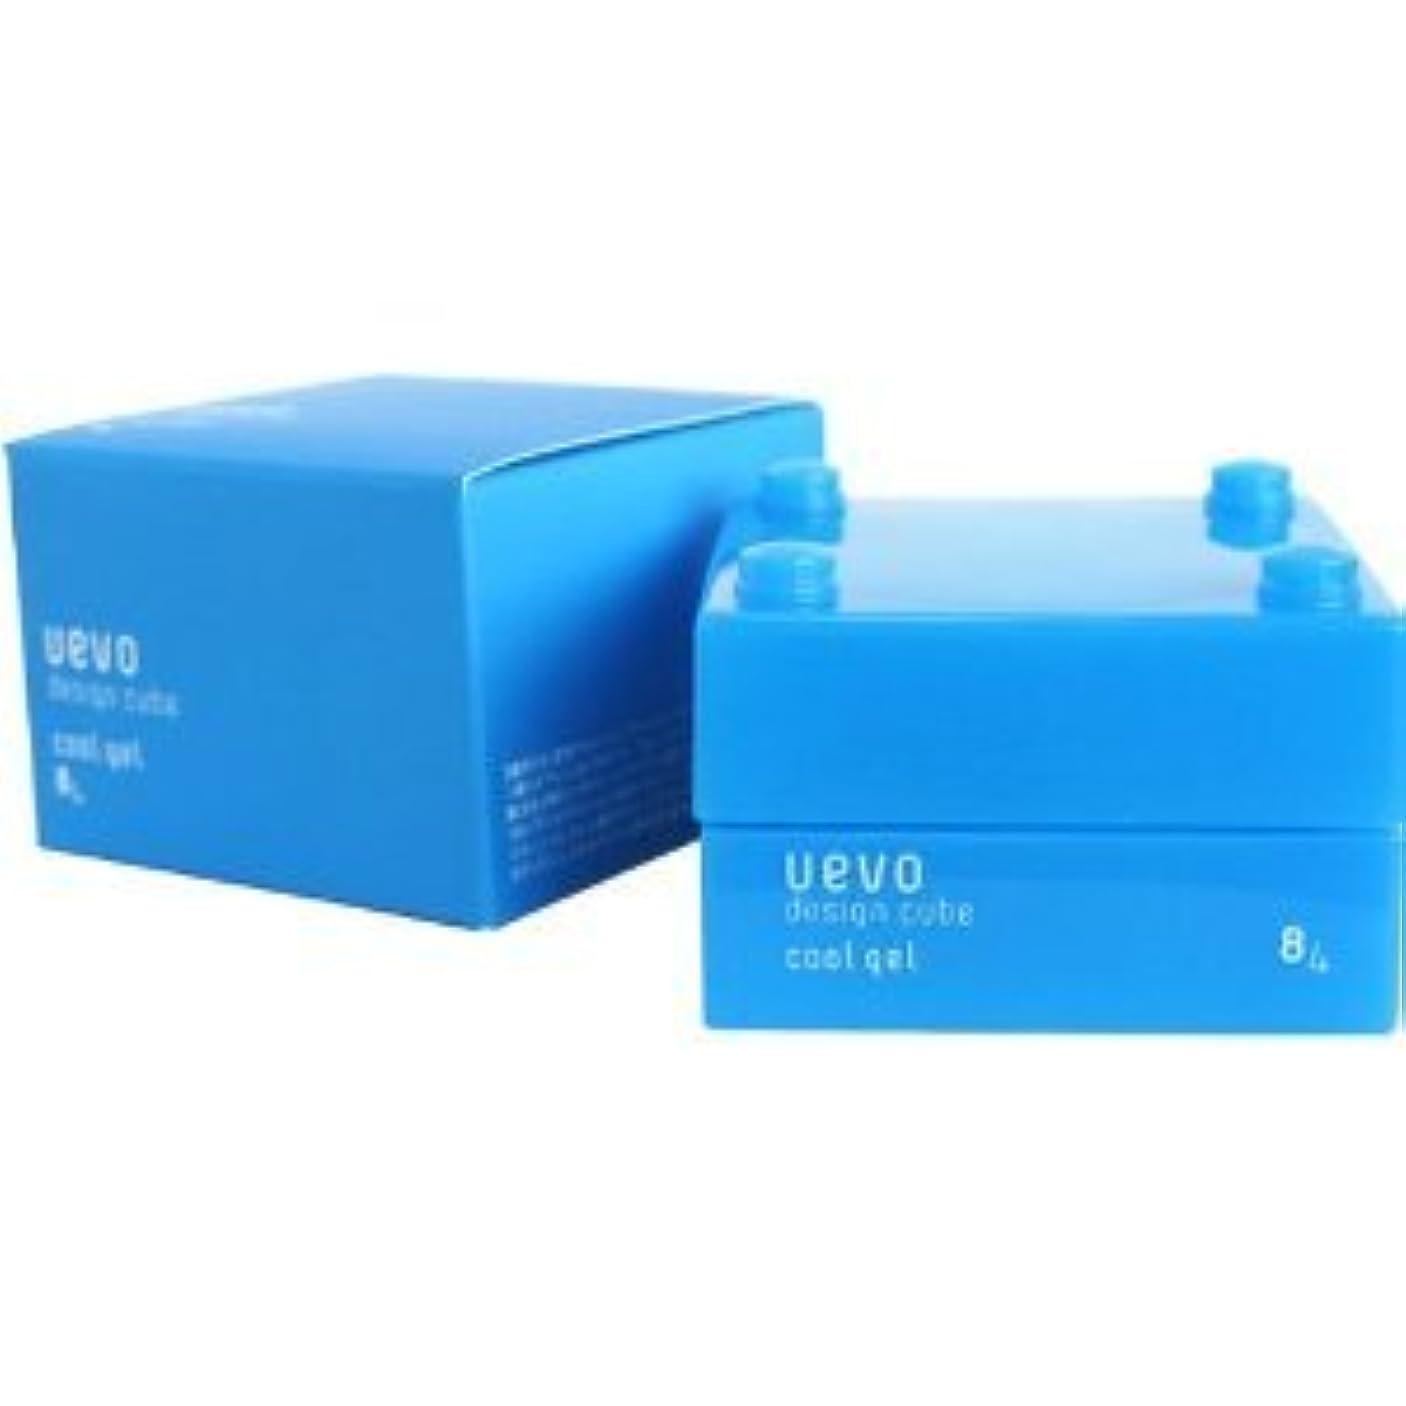 名詞苦悩ヒント【X3個セット】 デミ ウェーボ デザインキューブ クールジェル 30g cool gel DEMI uevo design cube